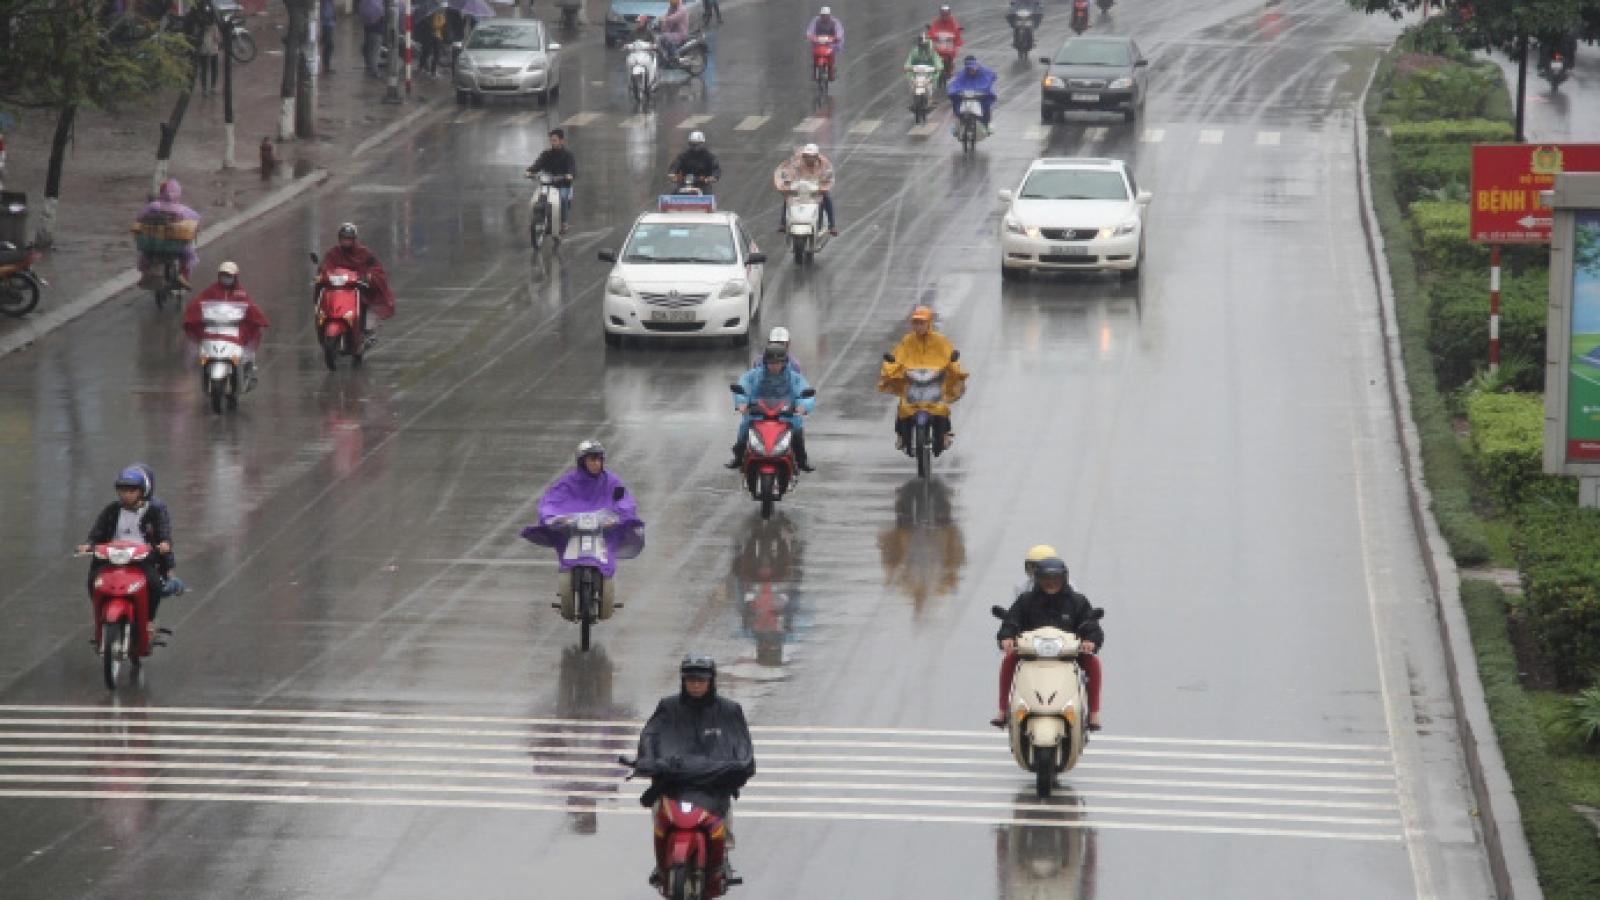 Dự báo thời tiết hôm nay 5/4: Hà Nội mưa rào rải rác, vùng núi Bắc Bộ có mưa vừa và dông